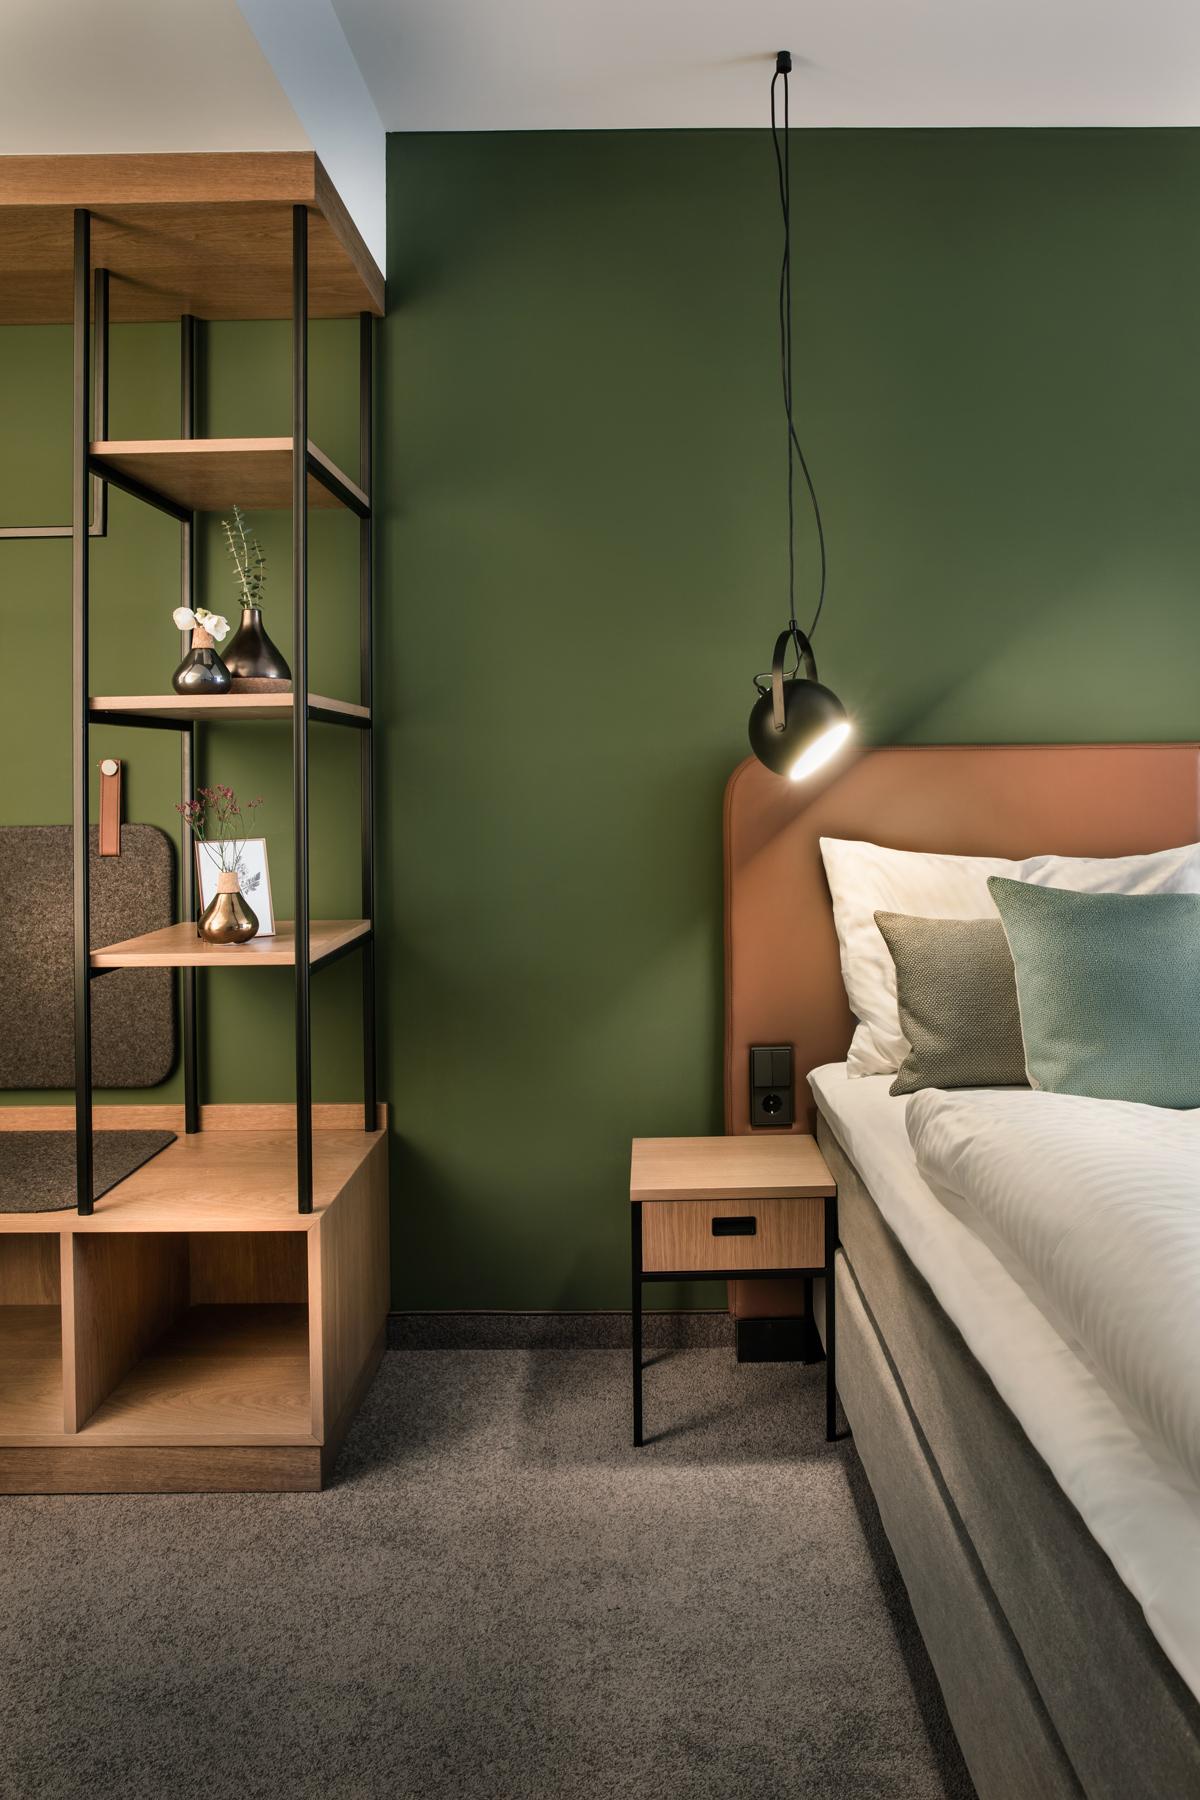 Hotel Domizil, Zimmer, Bett